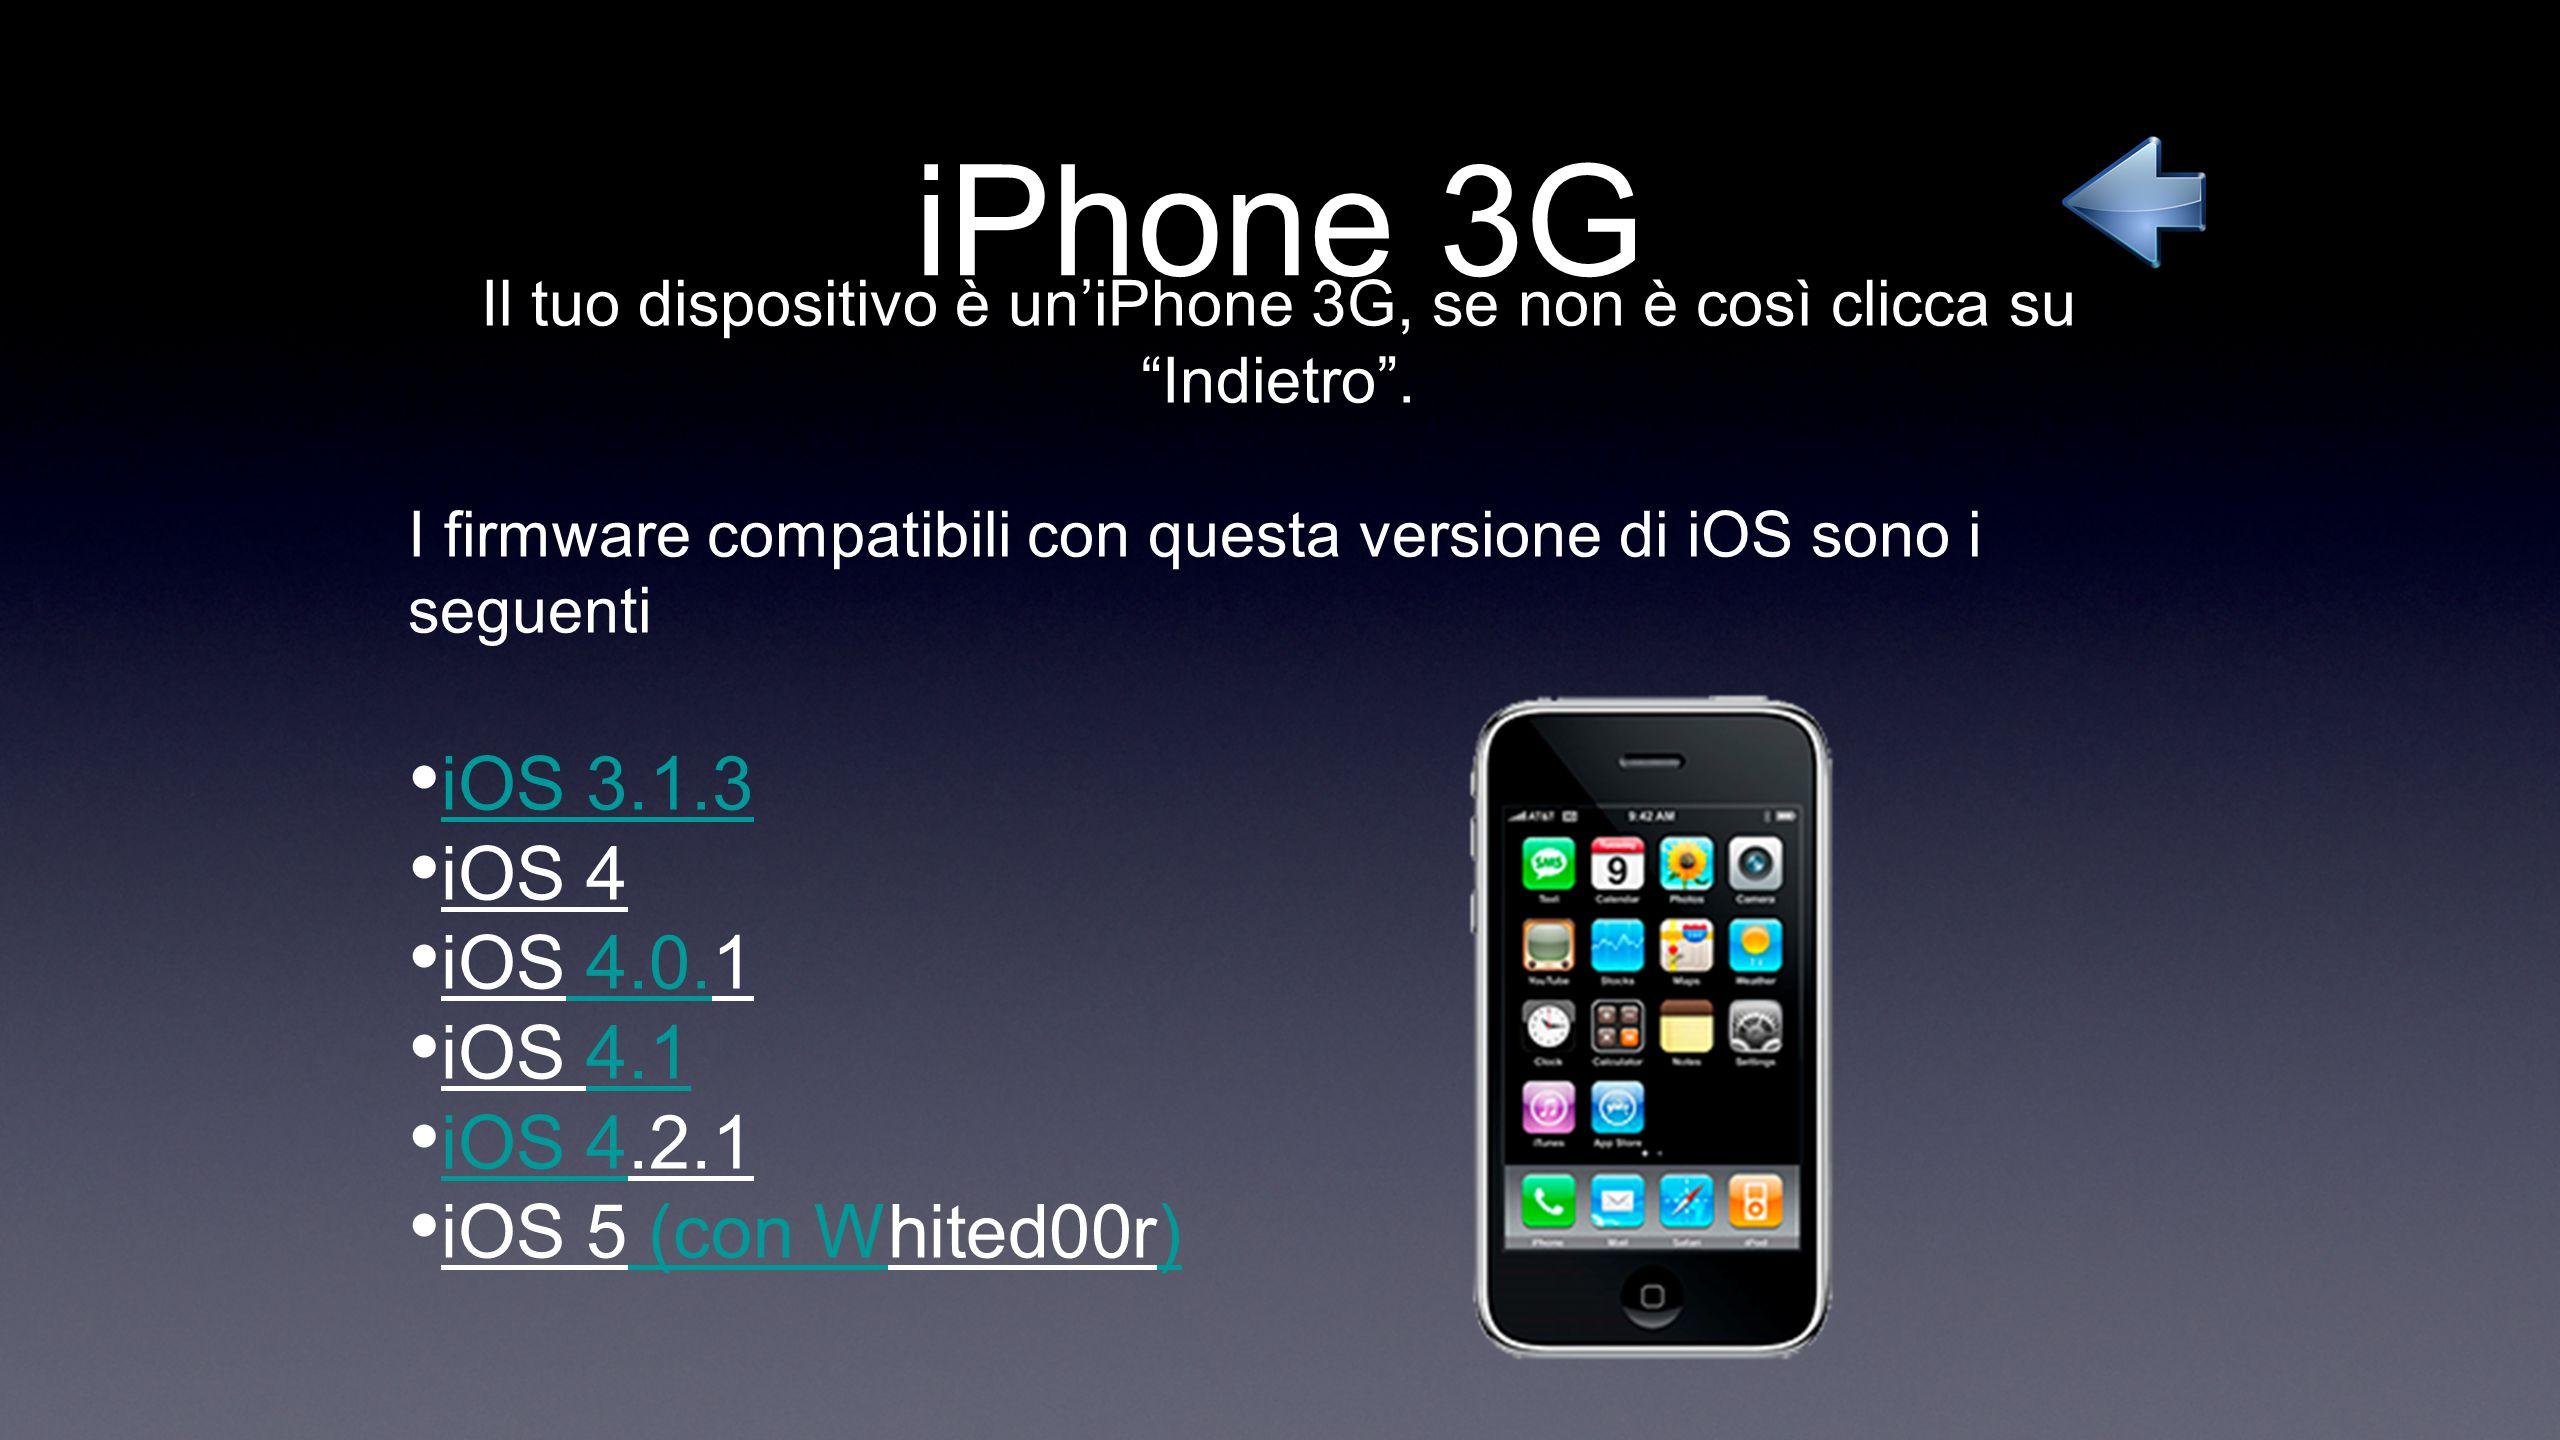 iPhone 3G Il tuo dispositivo è uniPhone 3G, se non è così clicca su Indietro. I firmware compatibili con questa versione di iOS sono i seguenti iOS 3.